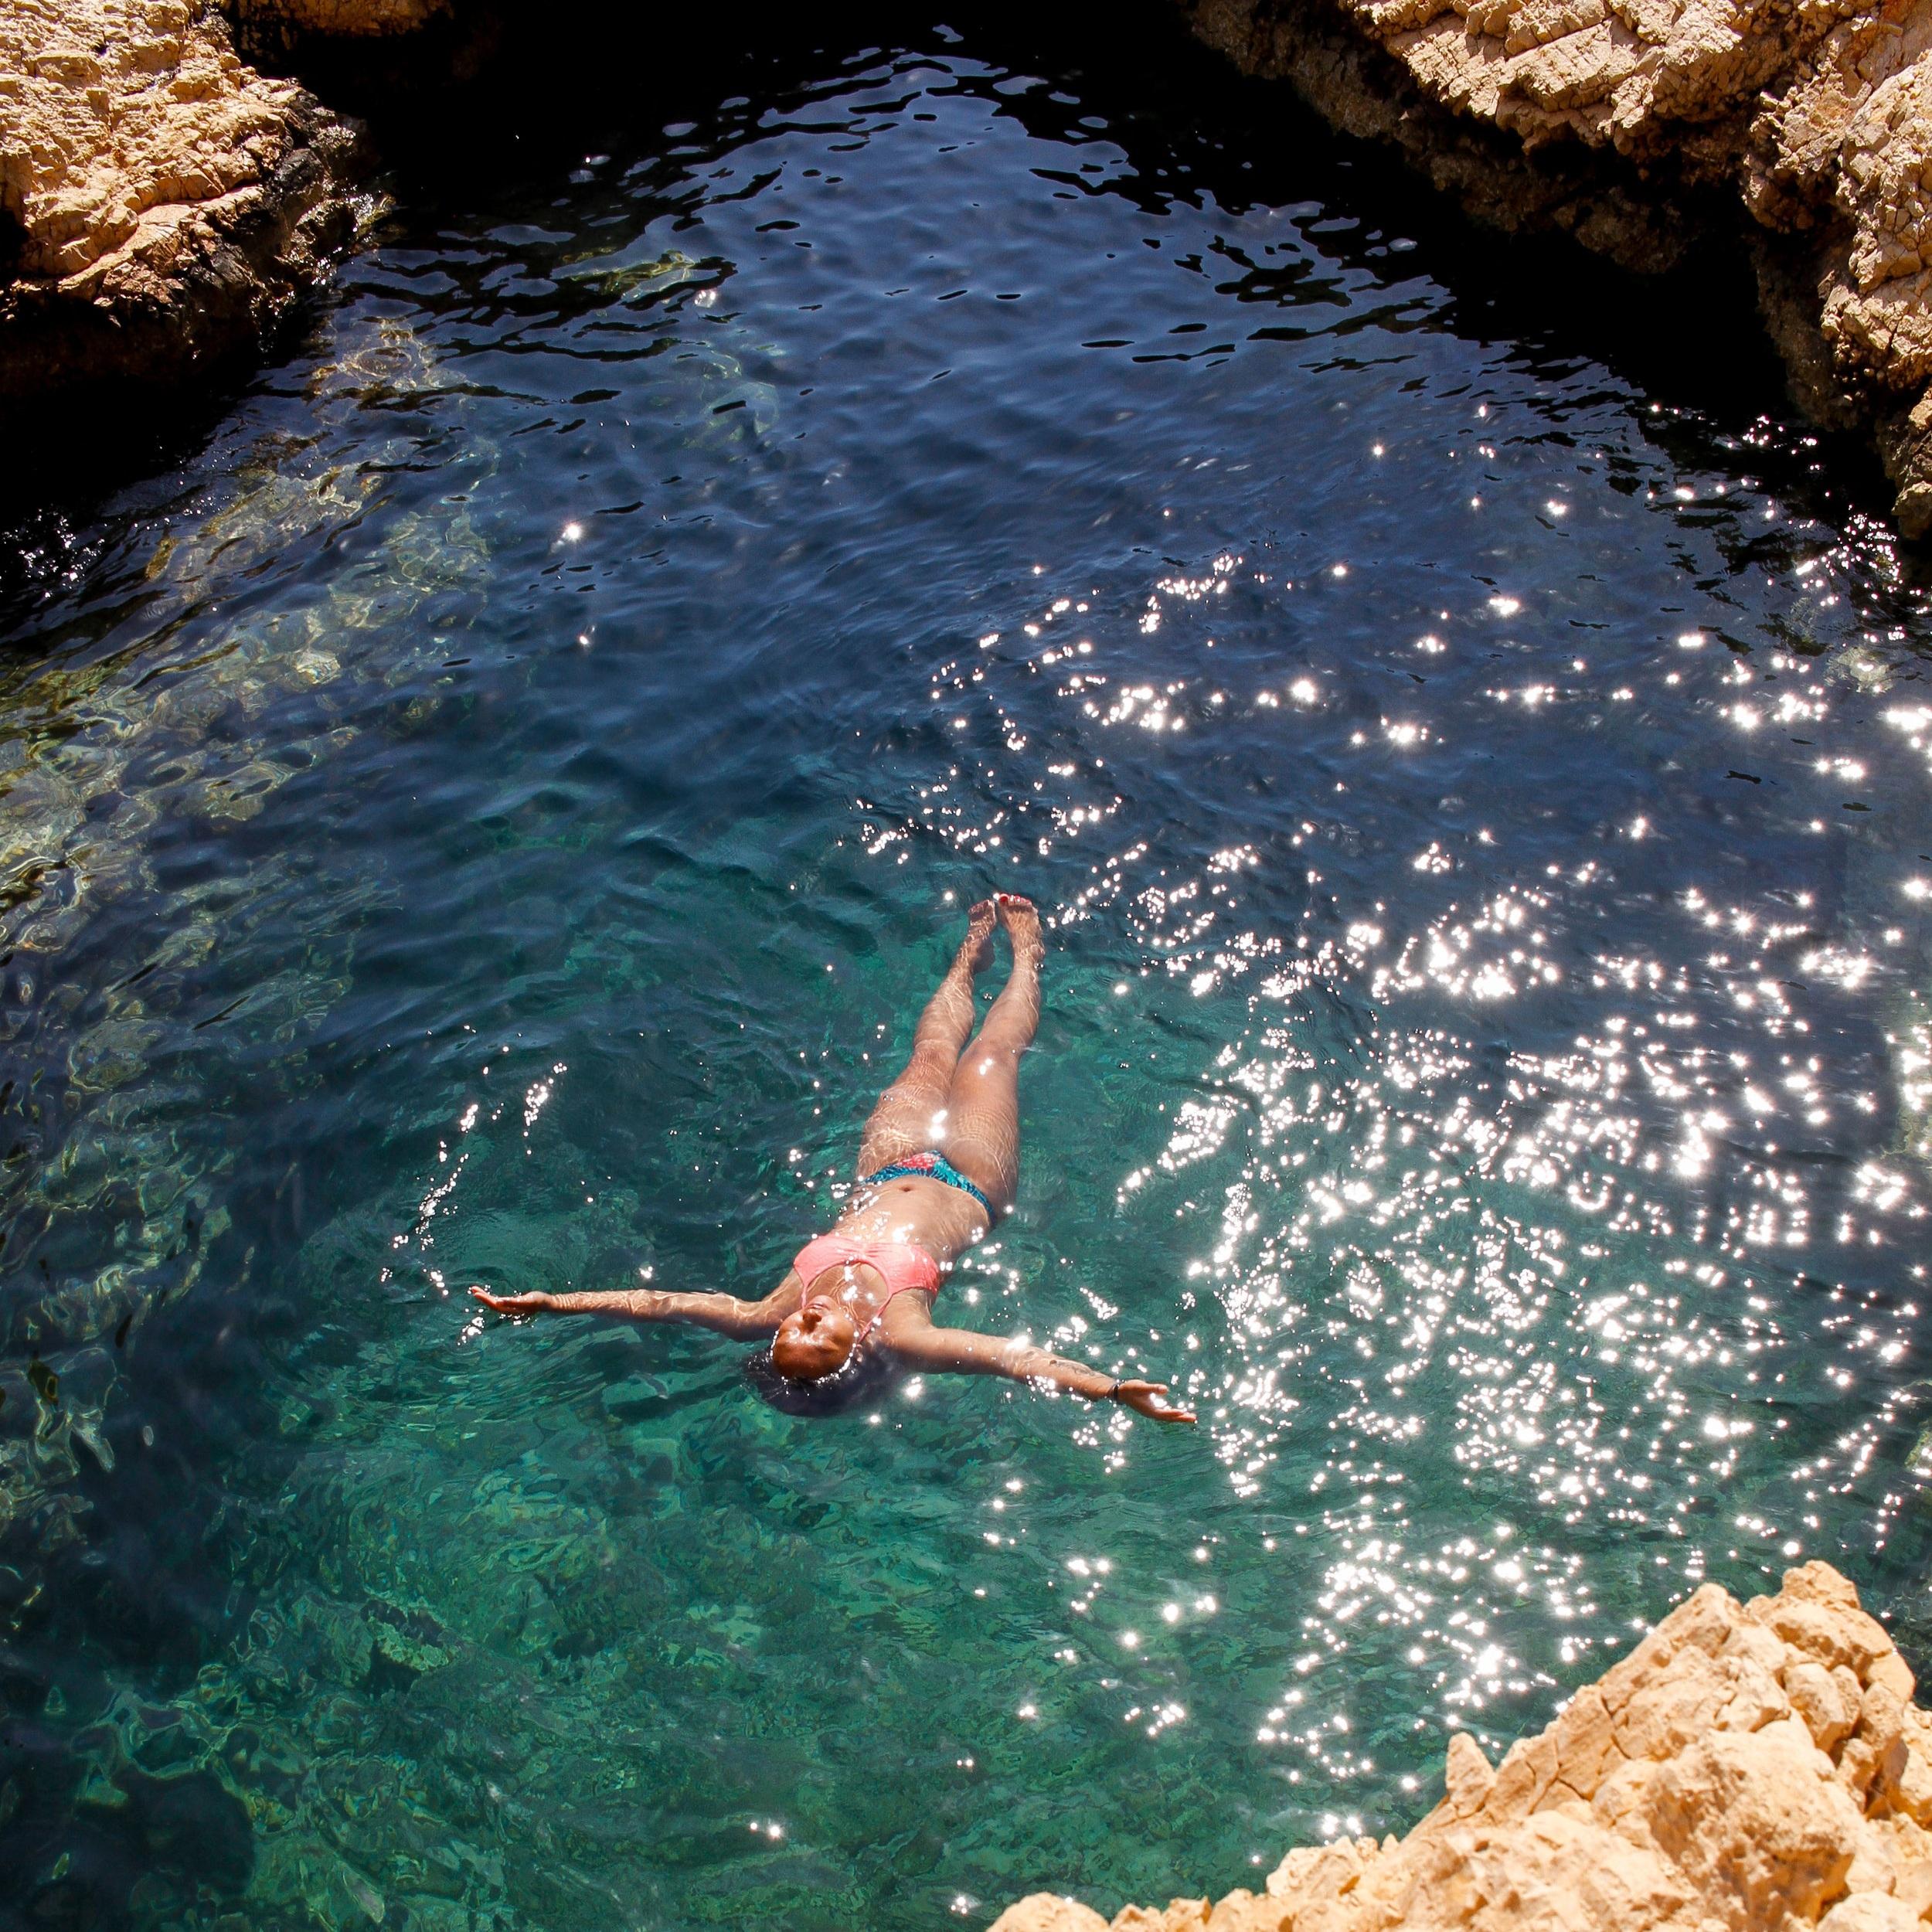 Diving-for-Treasure-3.jpg